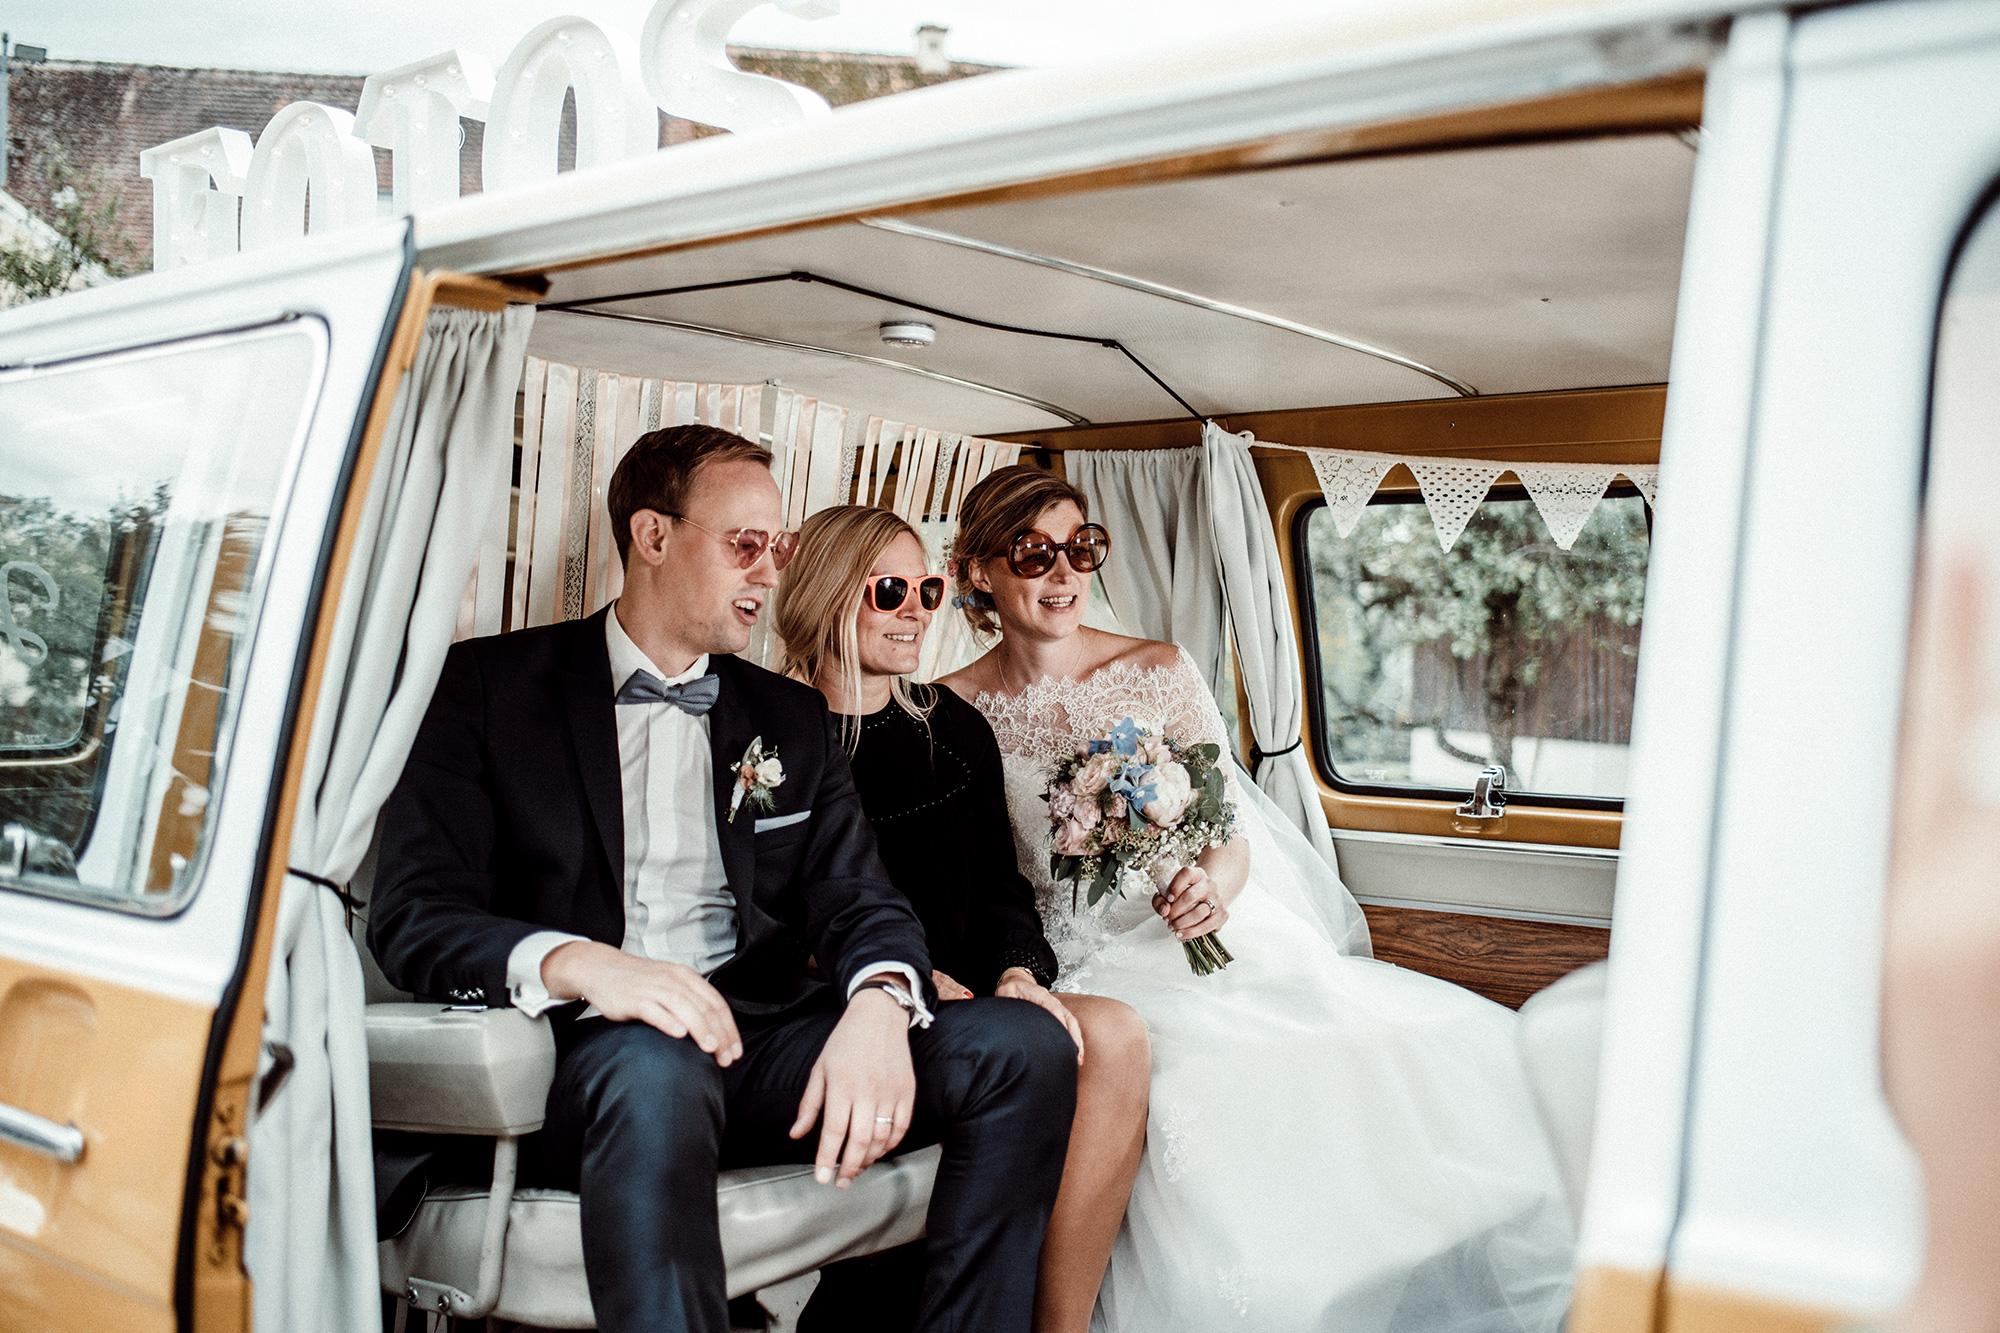 Fotobus-Jimmy-Fotobulli–Hochzeit-Fotobooth-Fotobox-V24.jpg